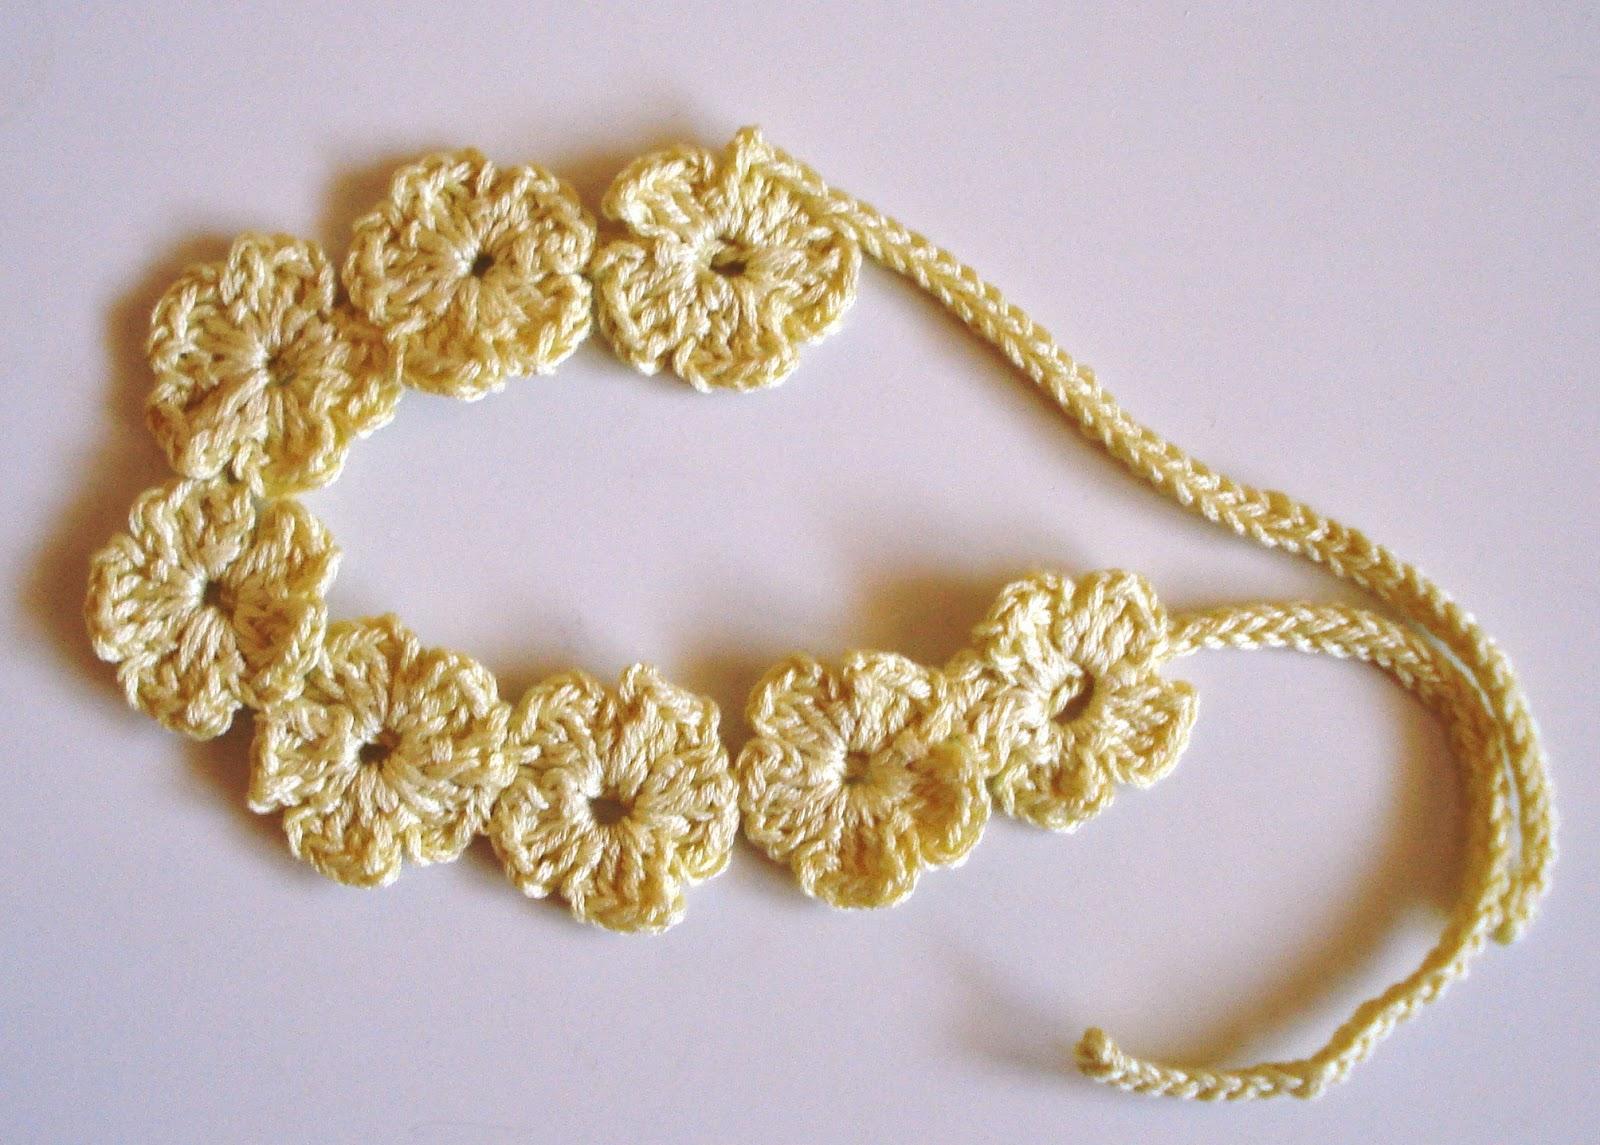 Chaleco para niña, realizado a ganchillo con hilo de algodón, y para  combinar una diadema de flores.